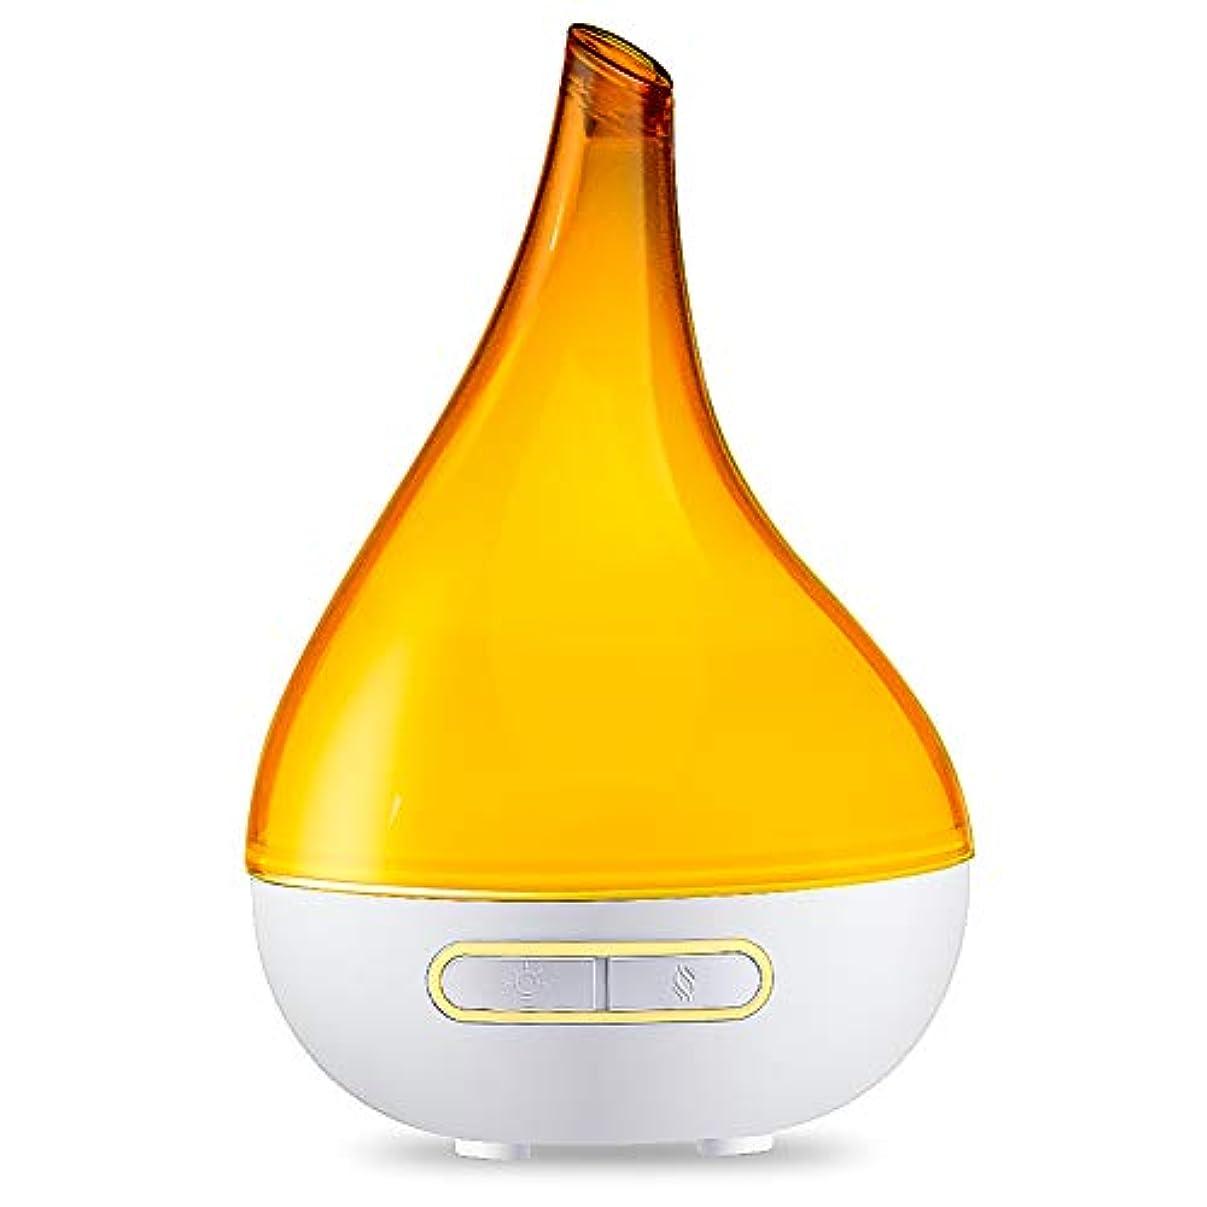 大きさ闇百科事典超音波 エッセンシャル オイル ディフューザー 電気 涼しい霧の加湿器 調節可能なミスト付け アロマディフューザー 夜間照明付き 赤ちゃんの家-オレンジ 15x23.7cm